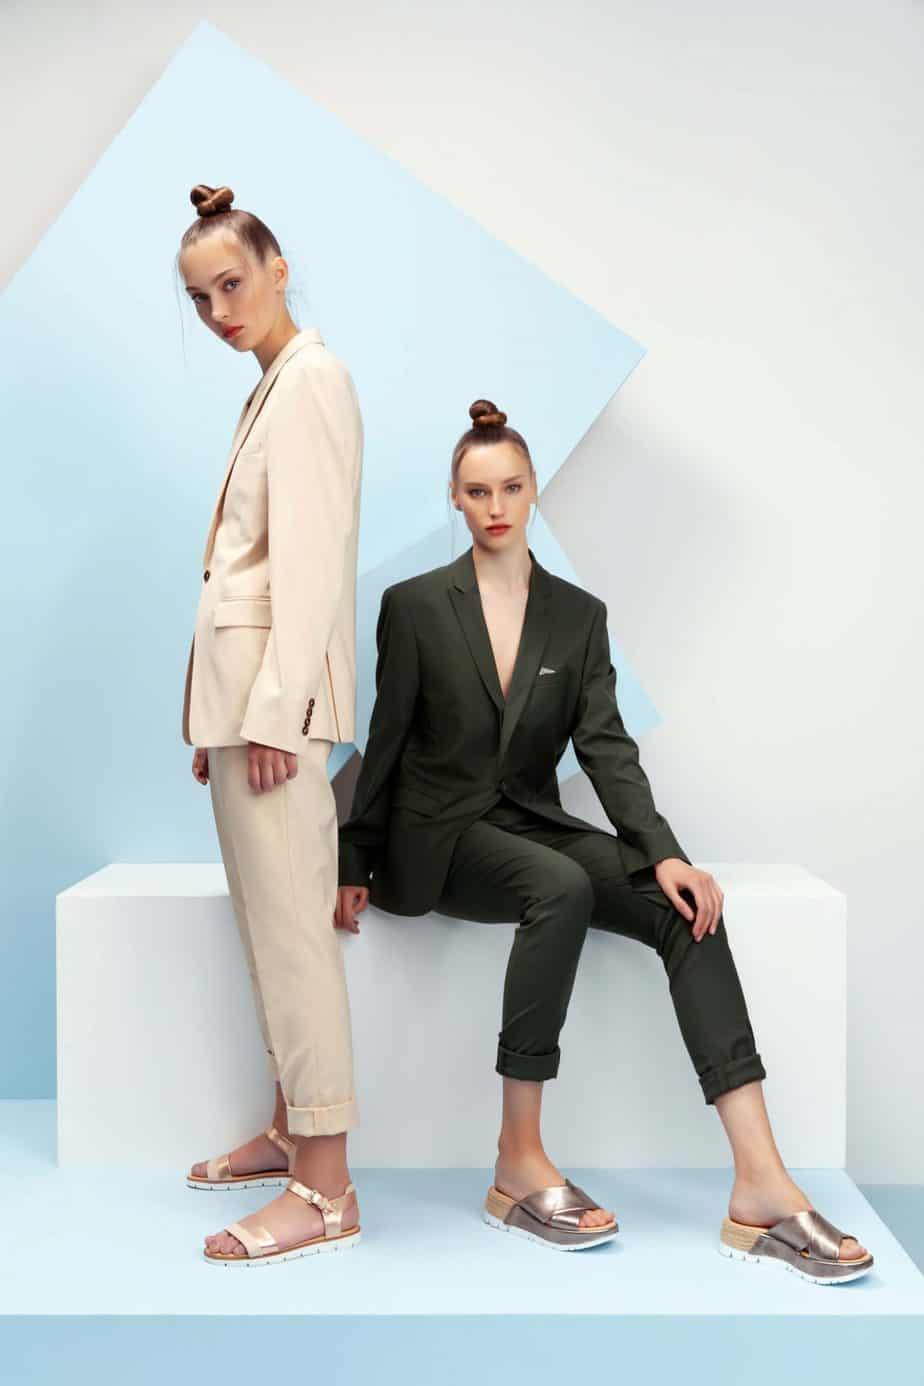 נעלי WESHOES, קמפיין אביב-קיץ 2019, צילום שי יחזקאל - 7